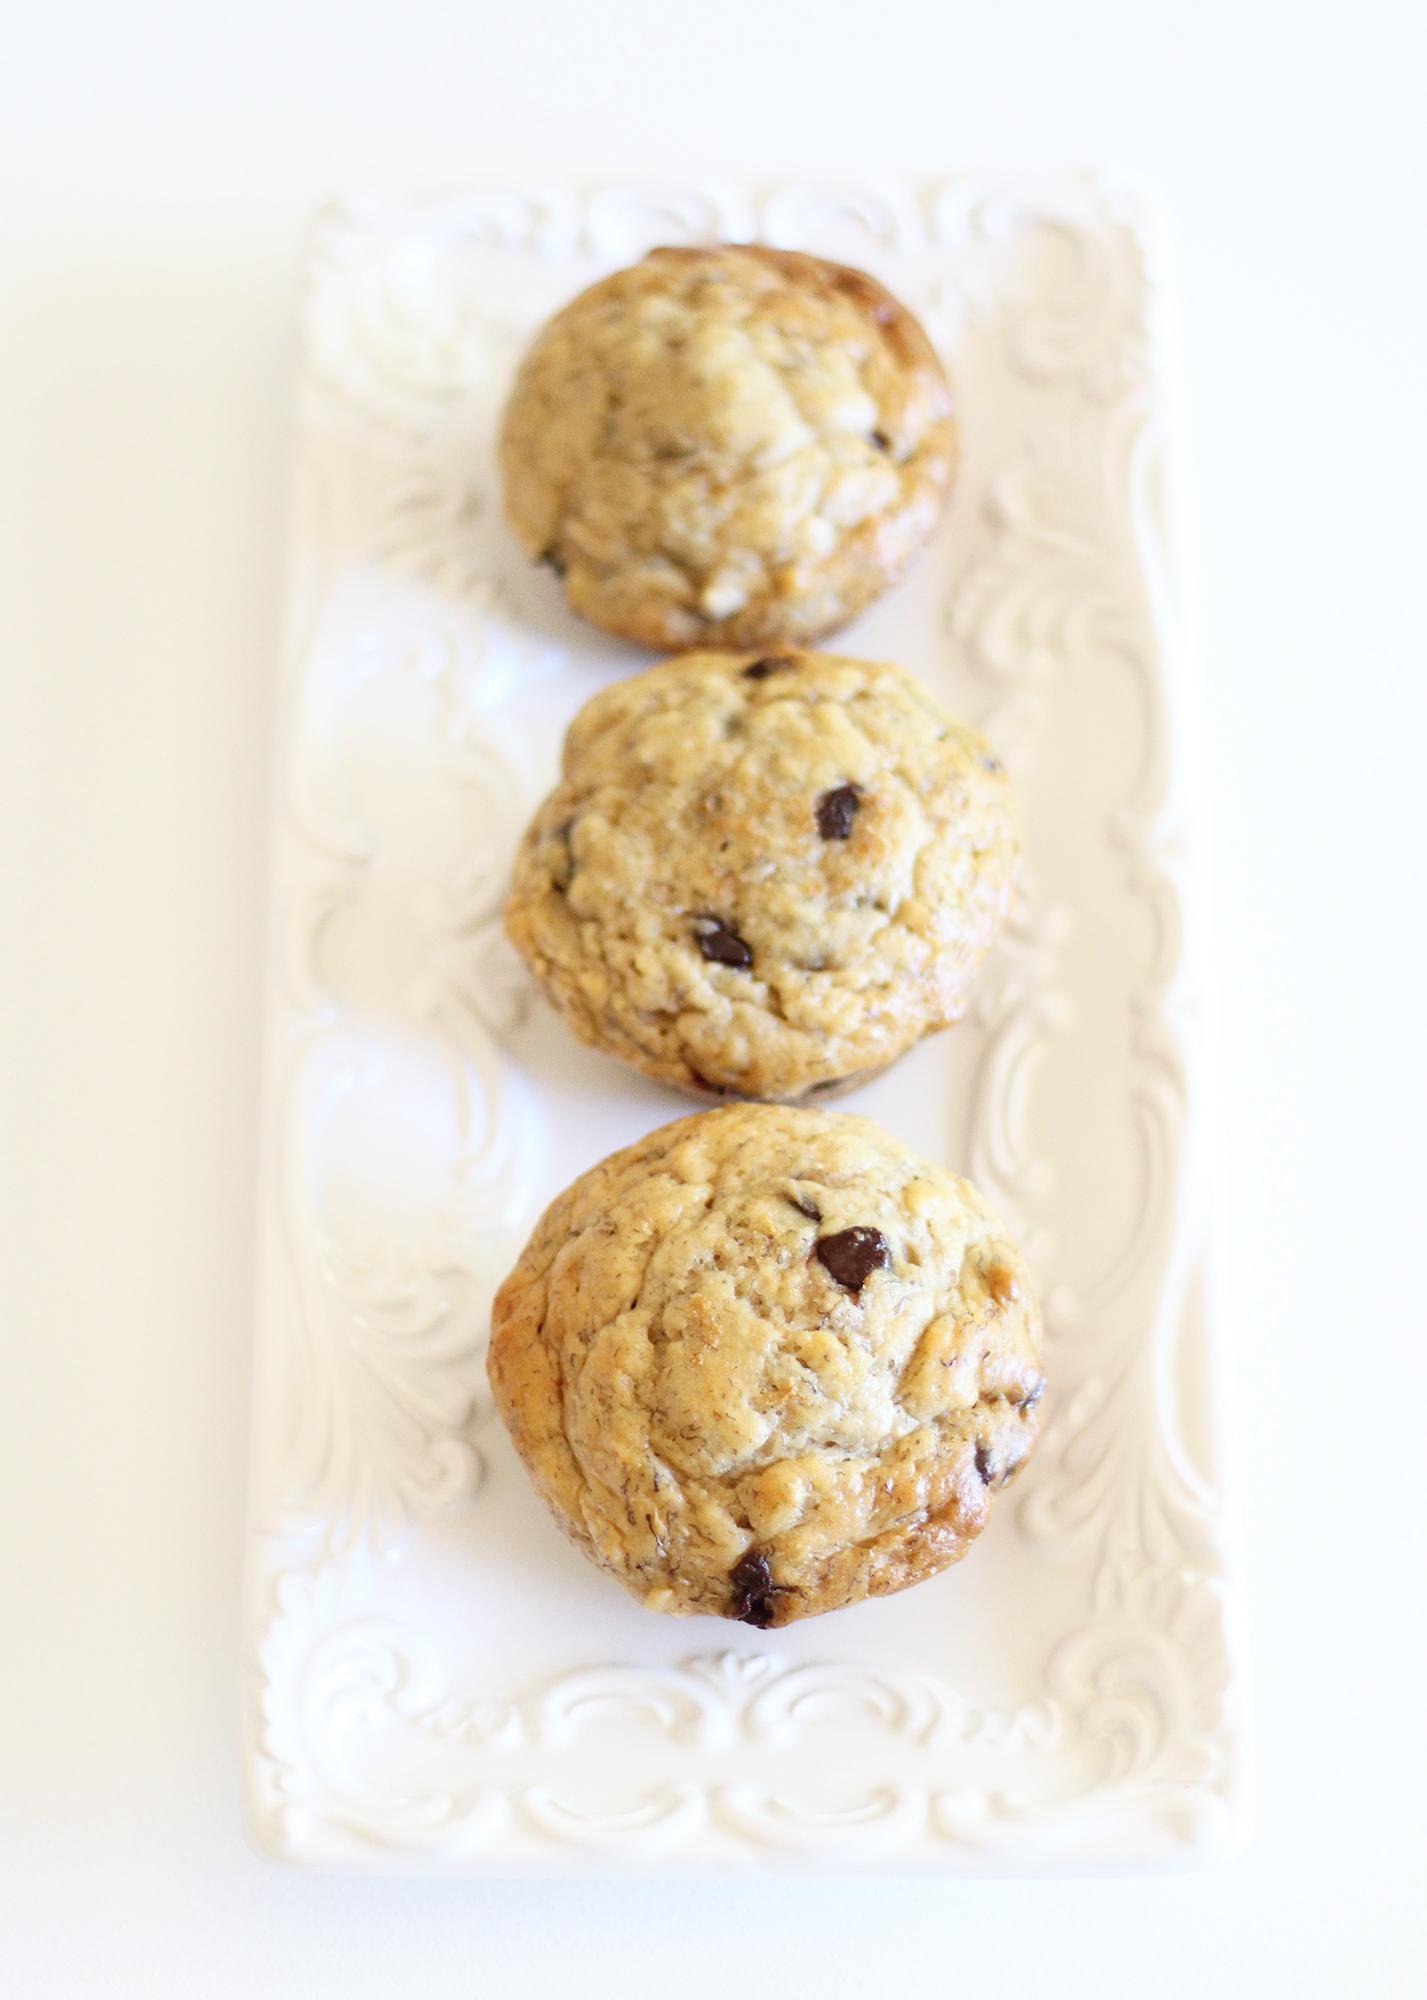 The tastiest skinny banana chocolate chip muffins